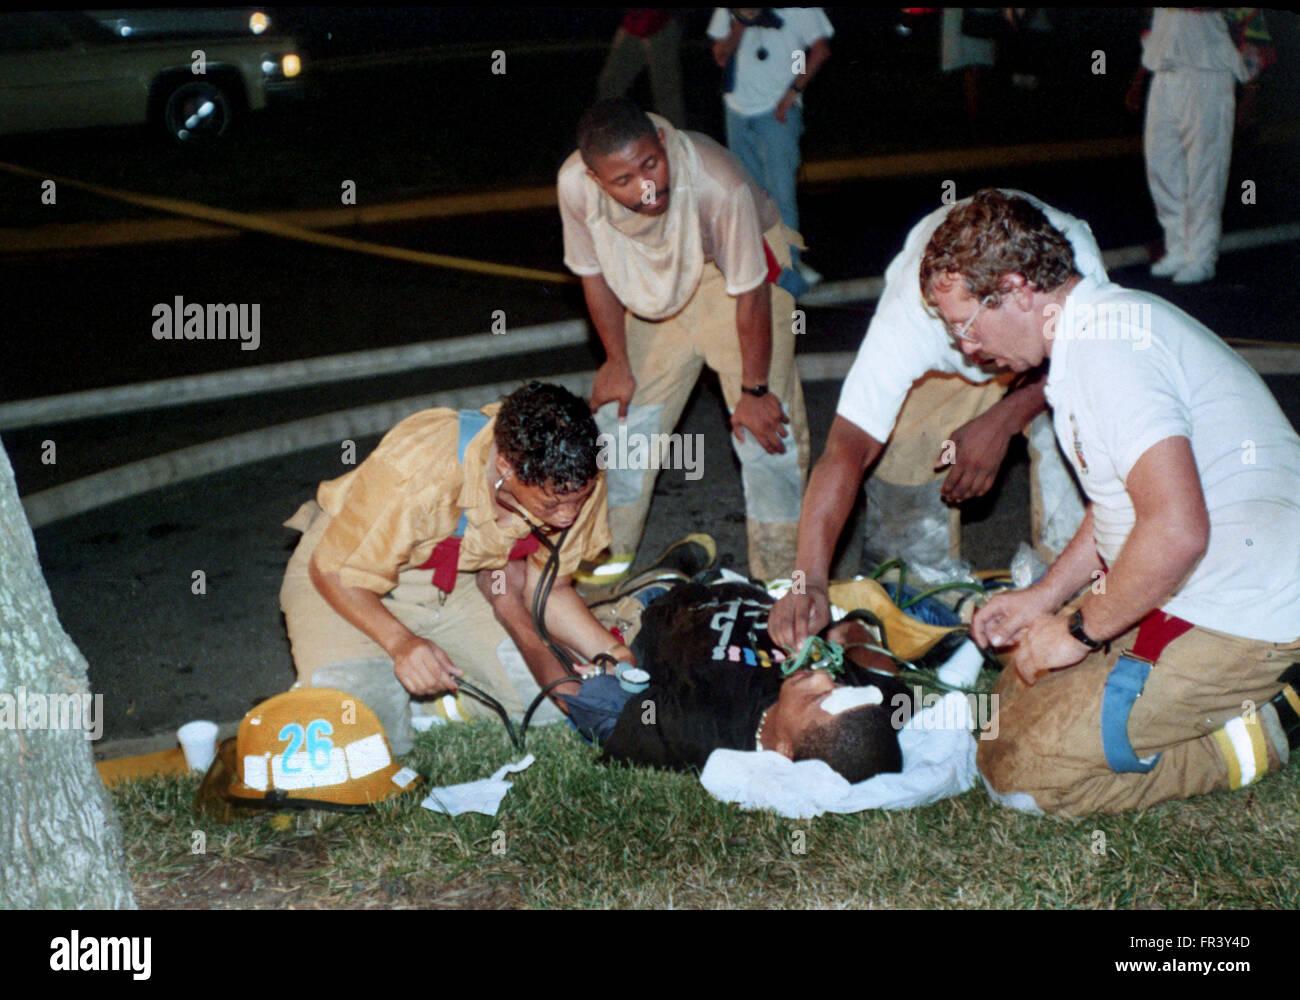 Les médecins travaillant sur le pompier qui s'est effondré après avoir été accablé Photo Stock